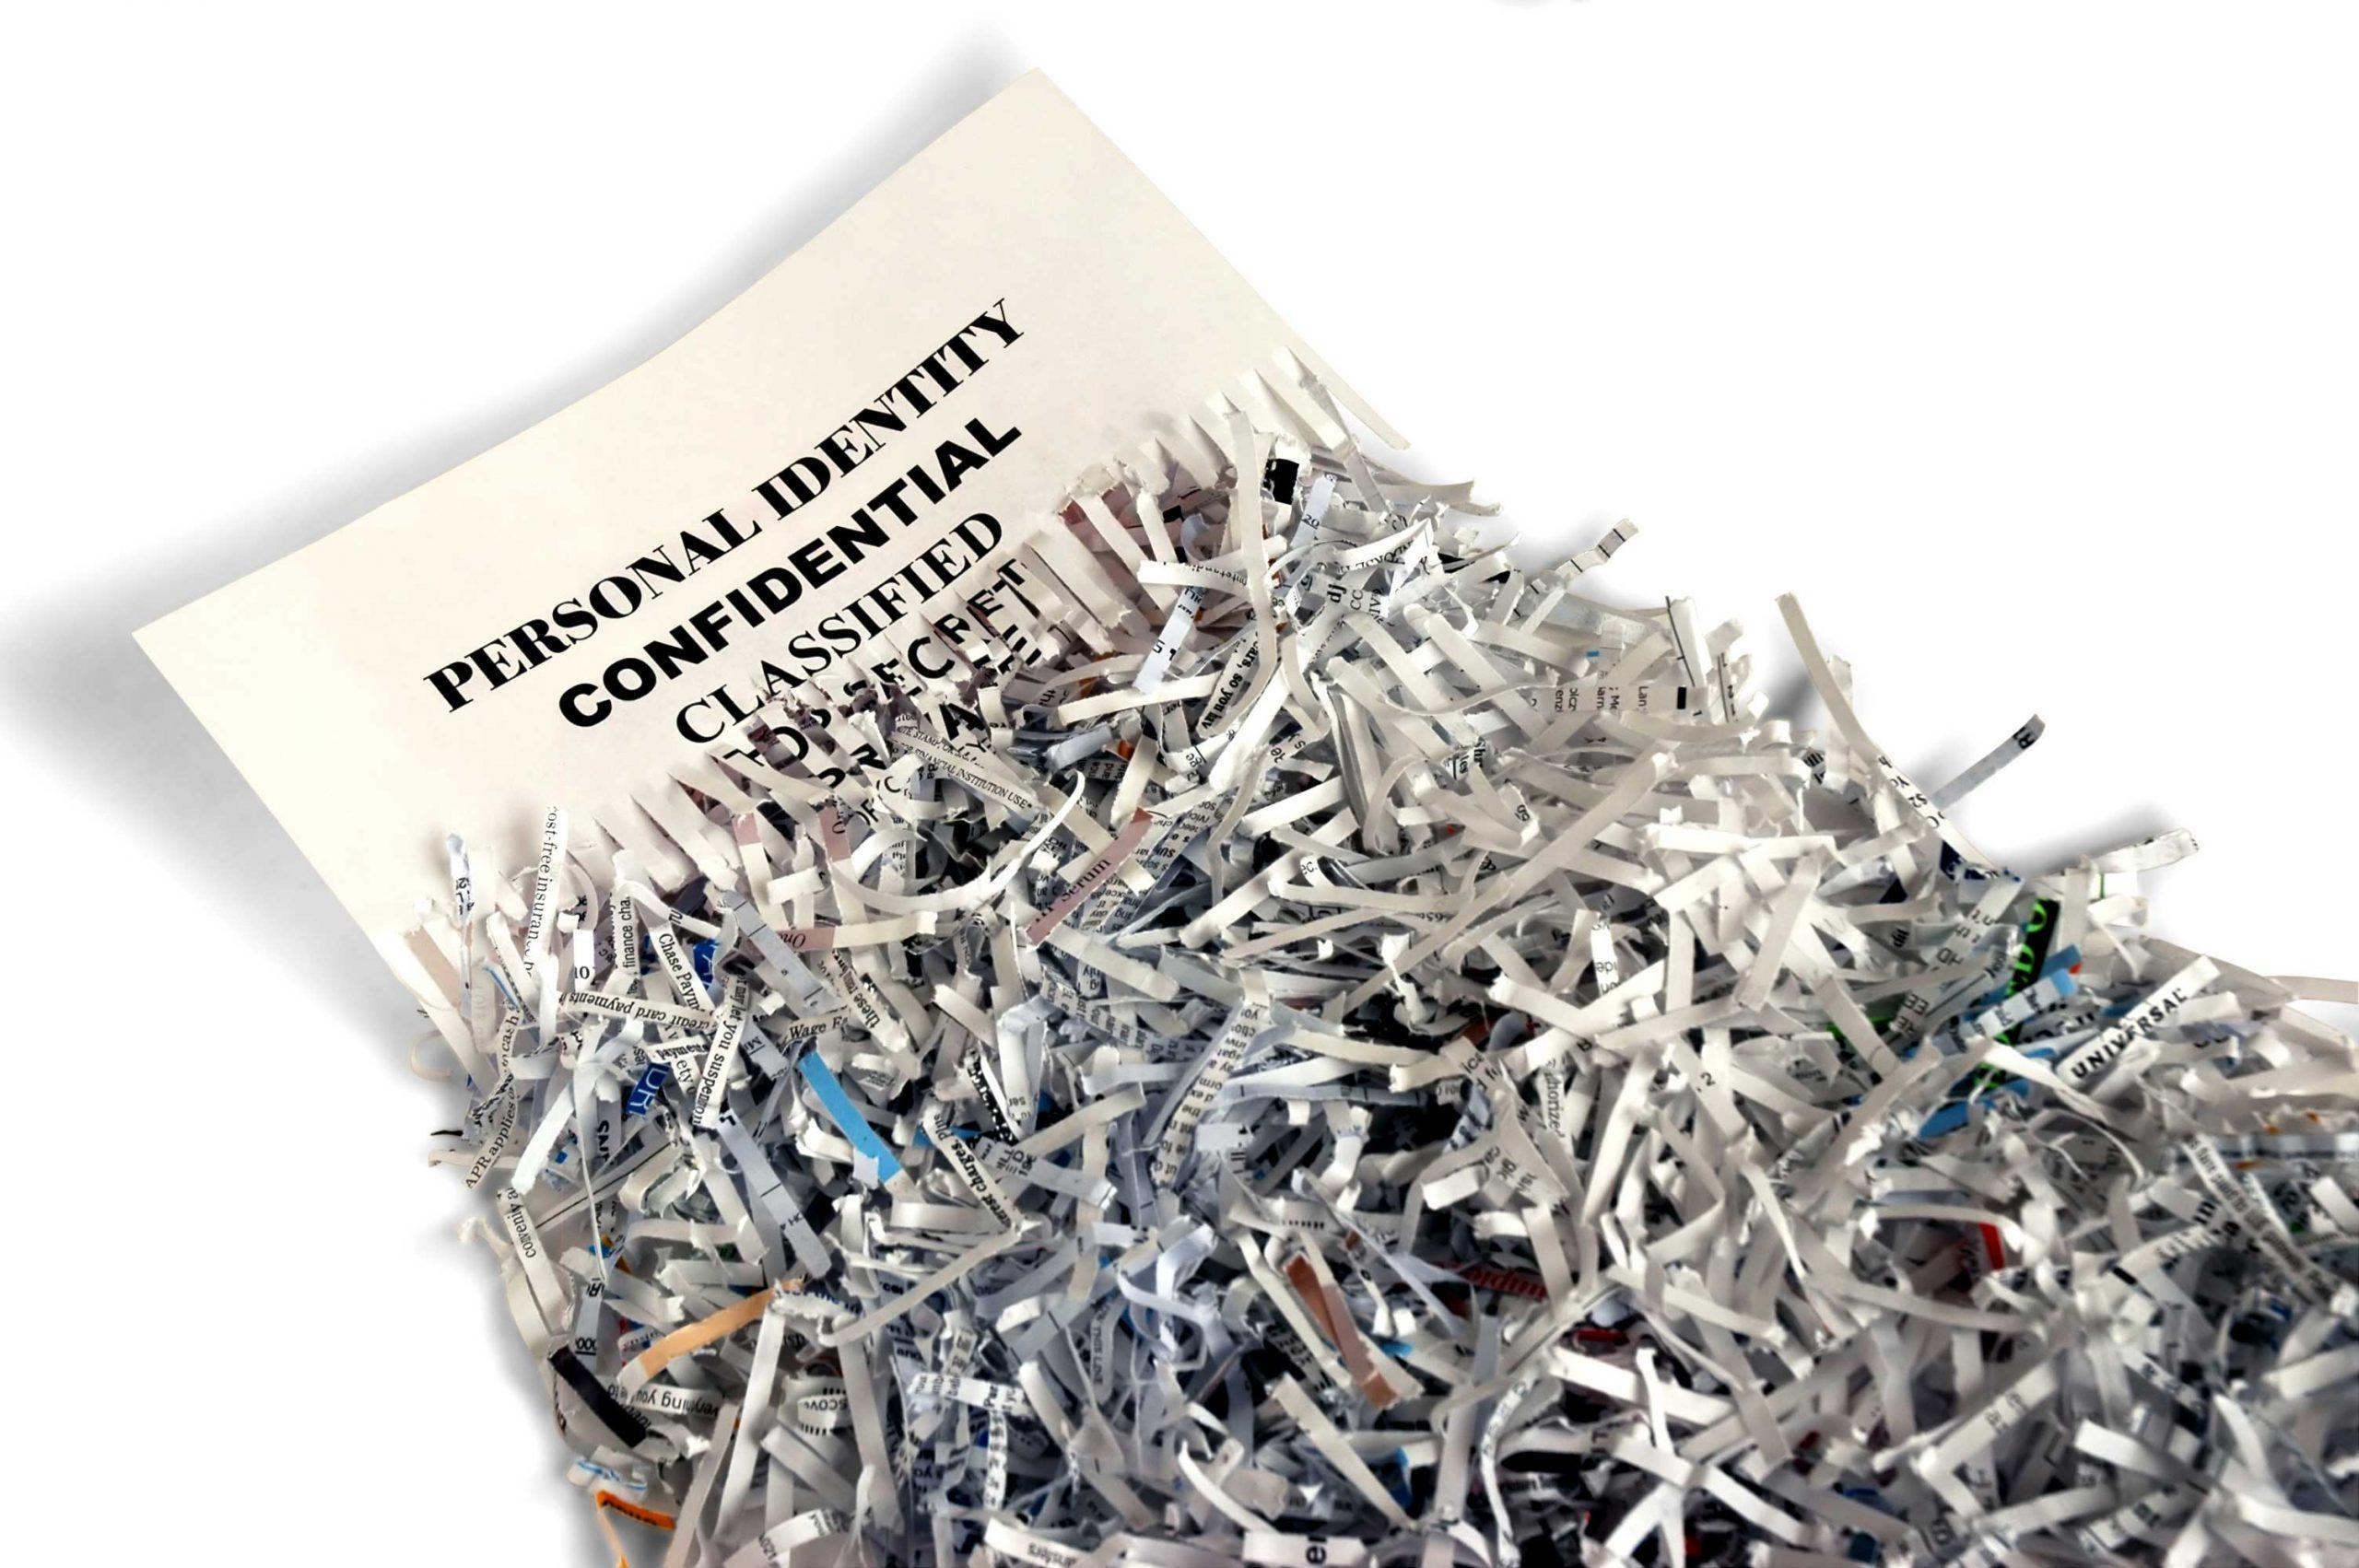 destruccion-segura-documentos